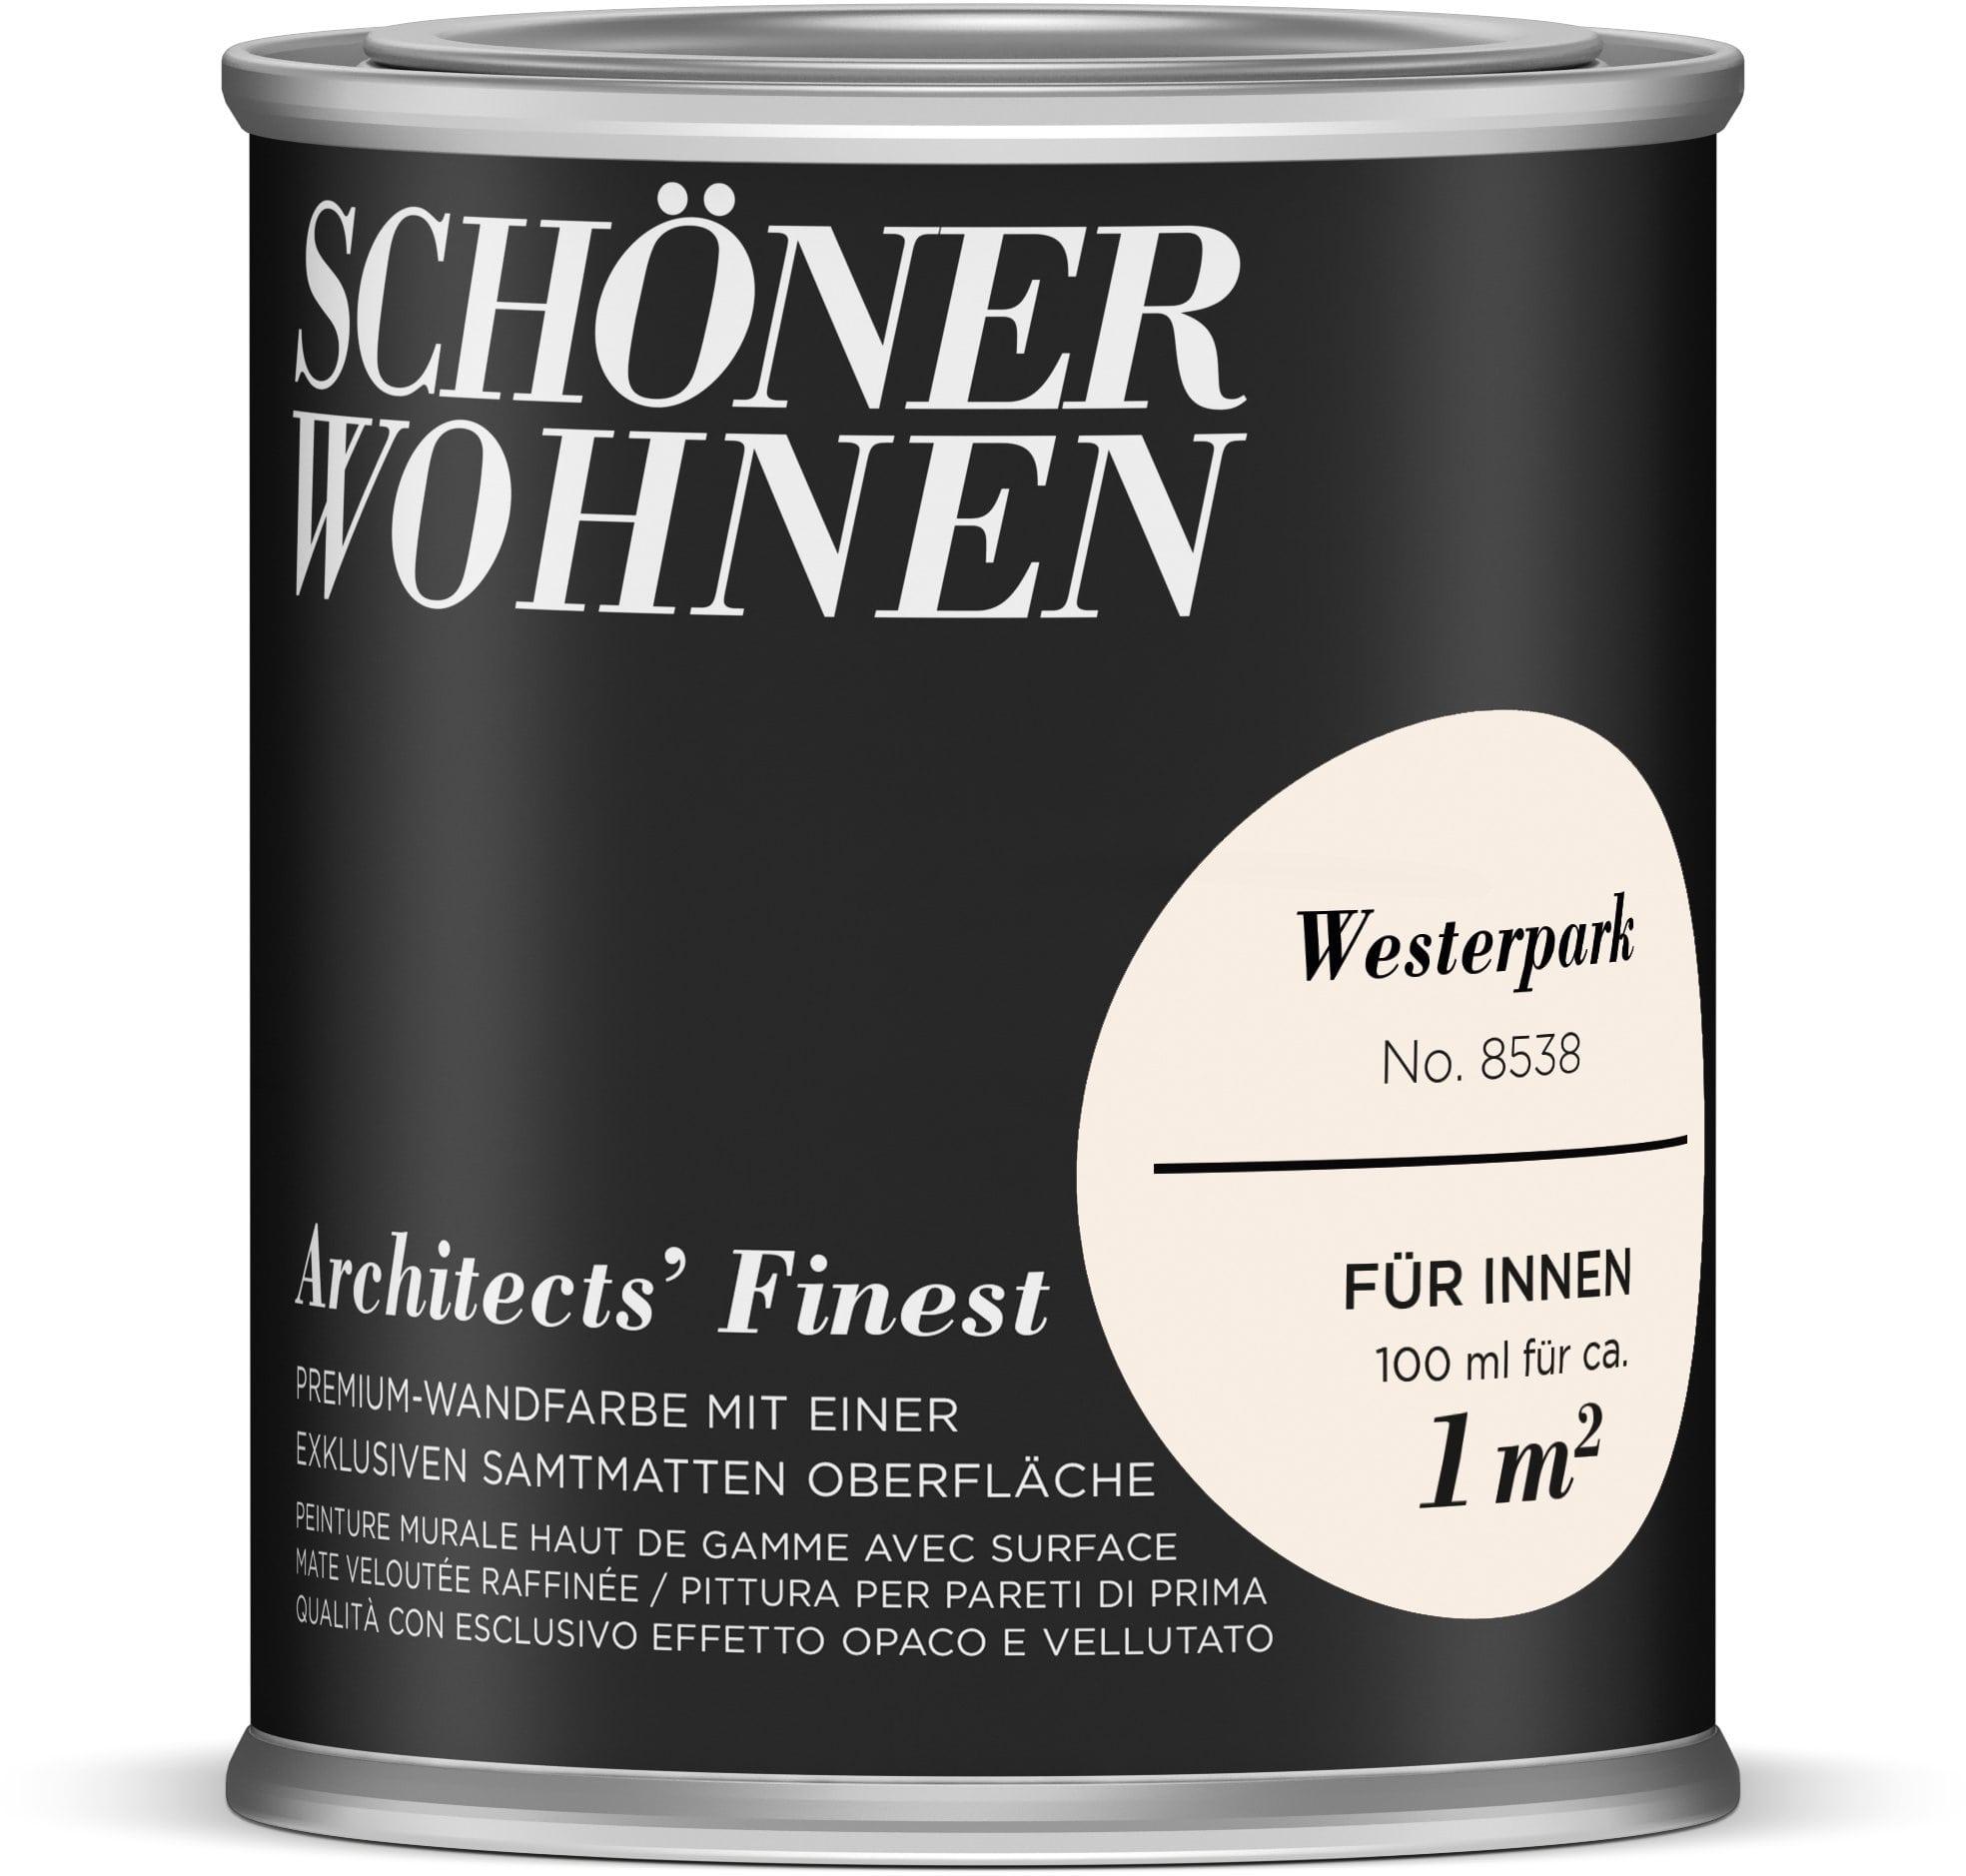 Schöner Wohnen Architects' Finest 100 ml Westerpark